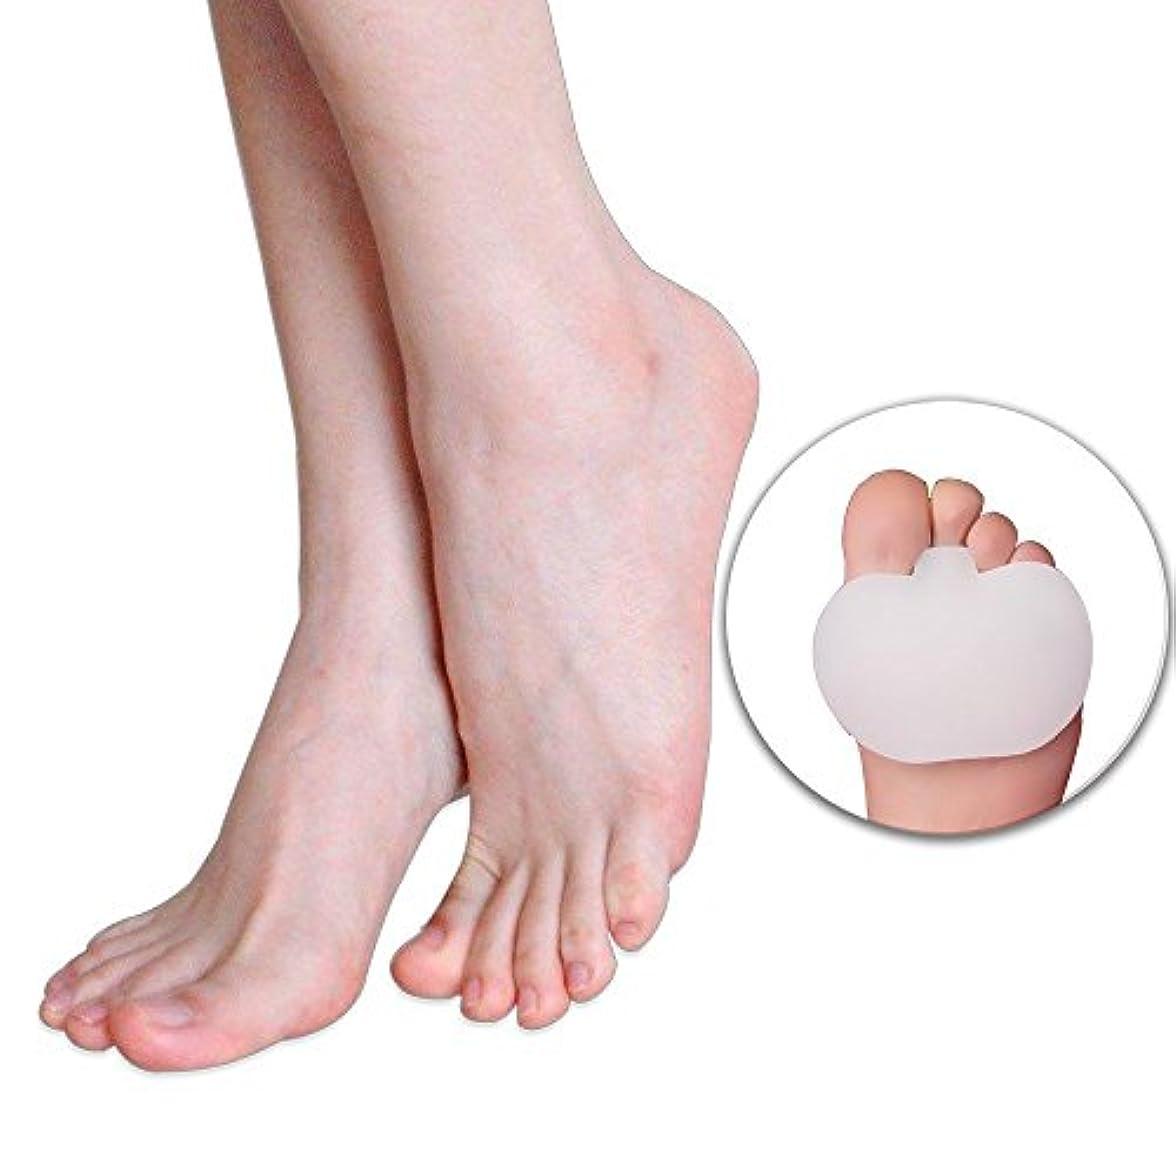 挨拶退屈ご予約フットマッサージ 前足パット足のケア、ゲルソックス、つま先、シリコン、外反母趾矯正、ゲル中足骨パッド、足クッションのボール、前足のケア、痛みの足の痛み、外反、外反母趾